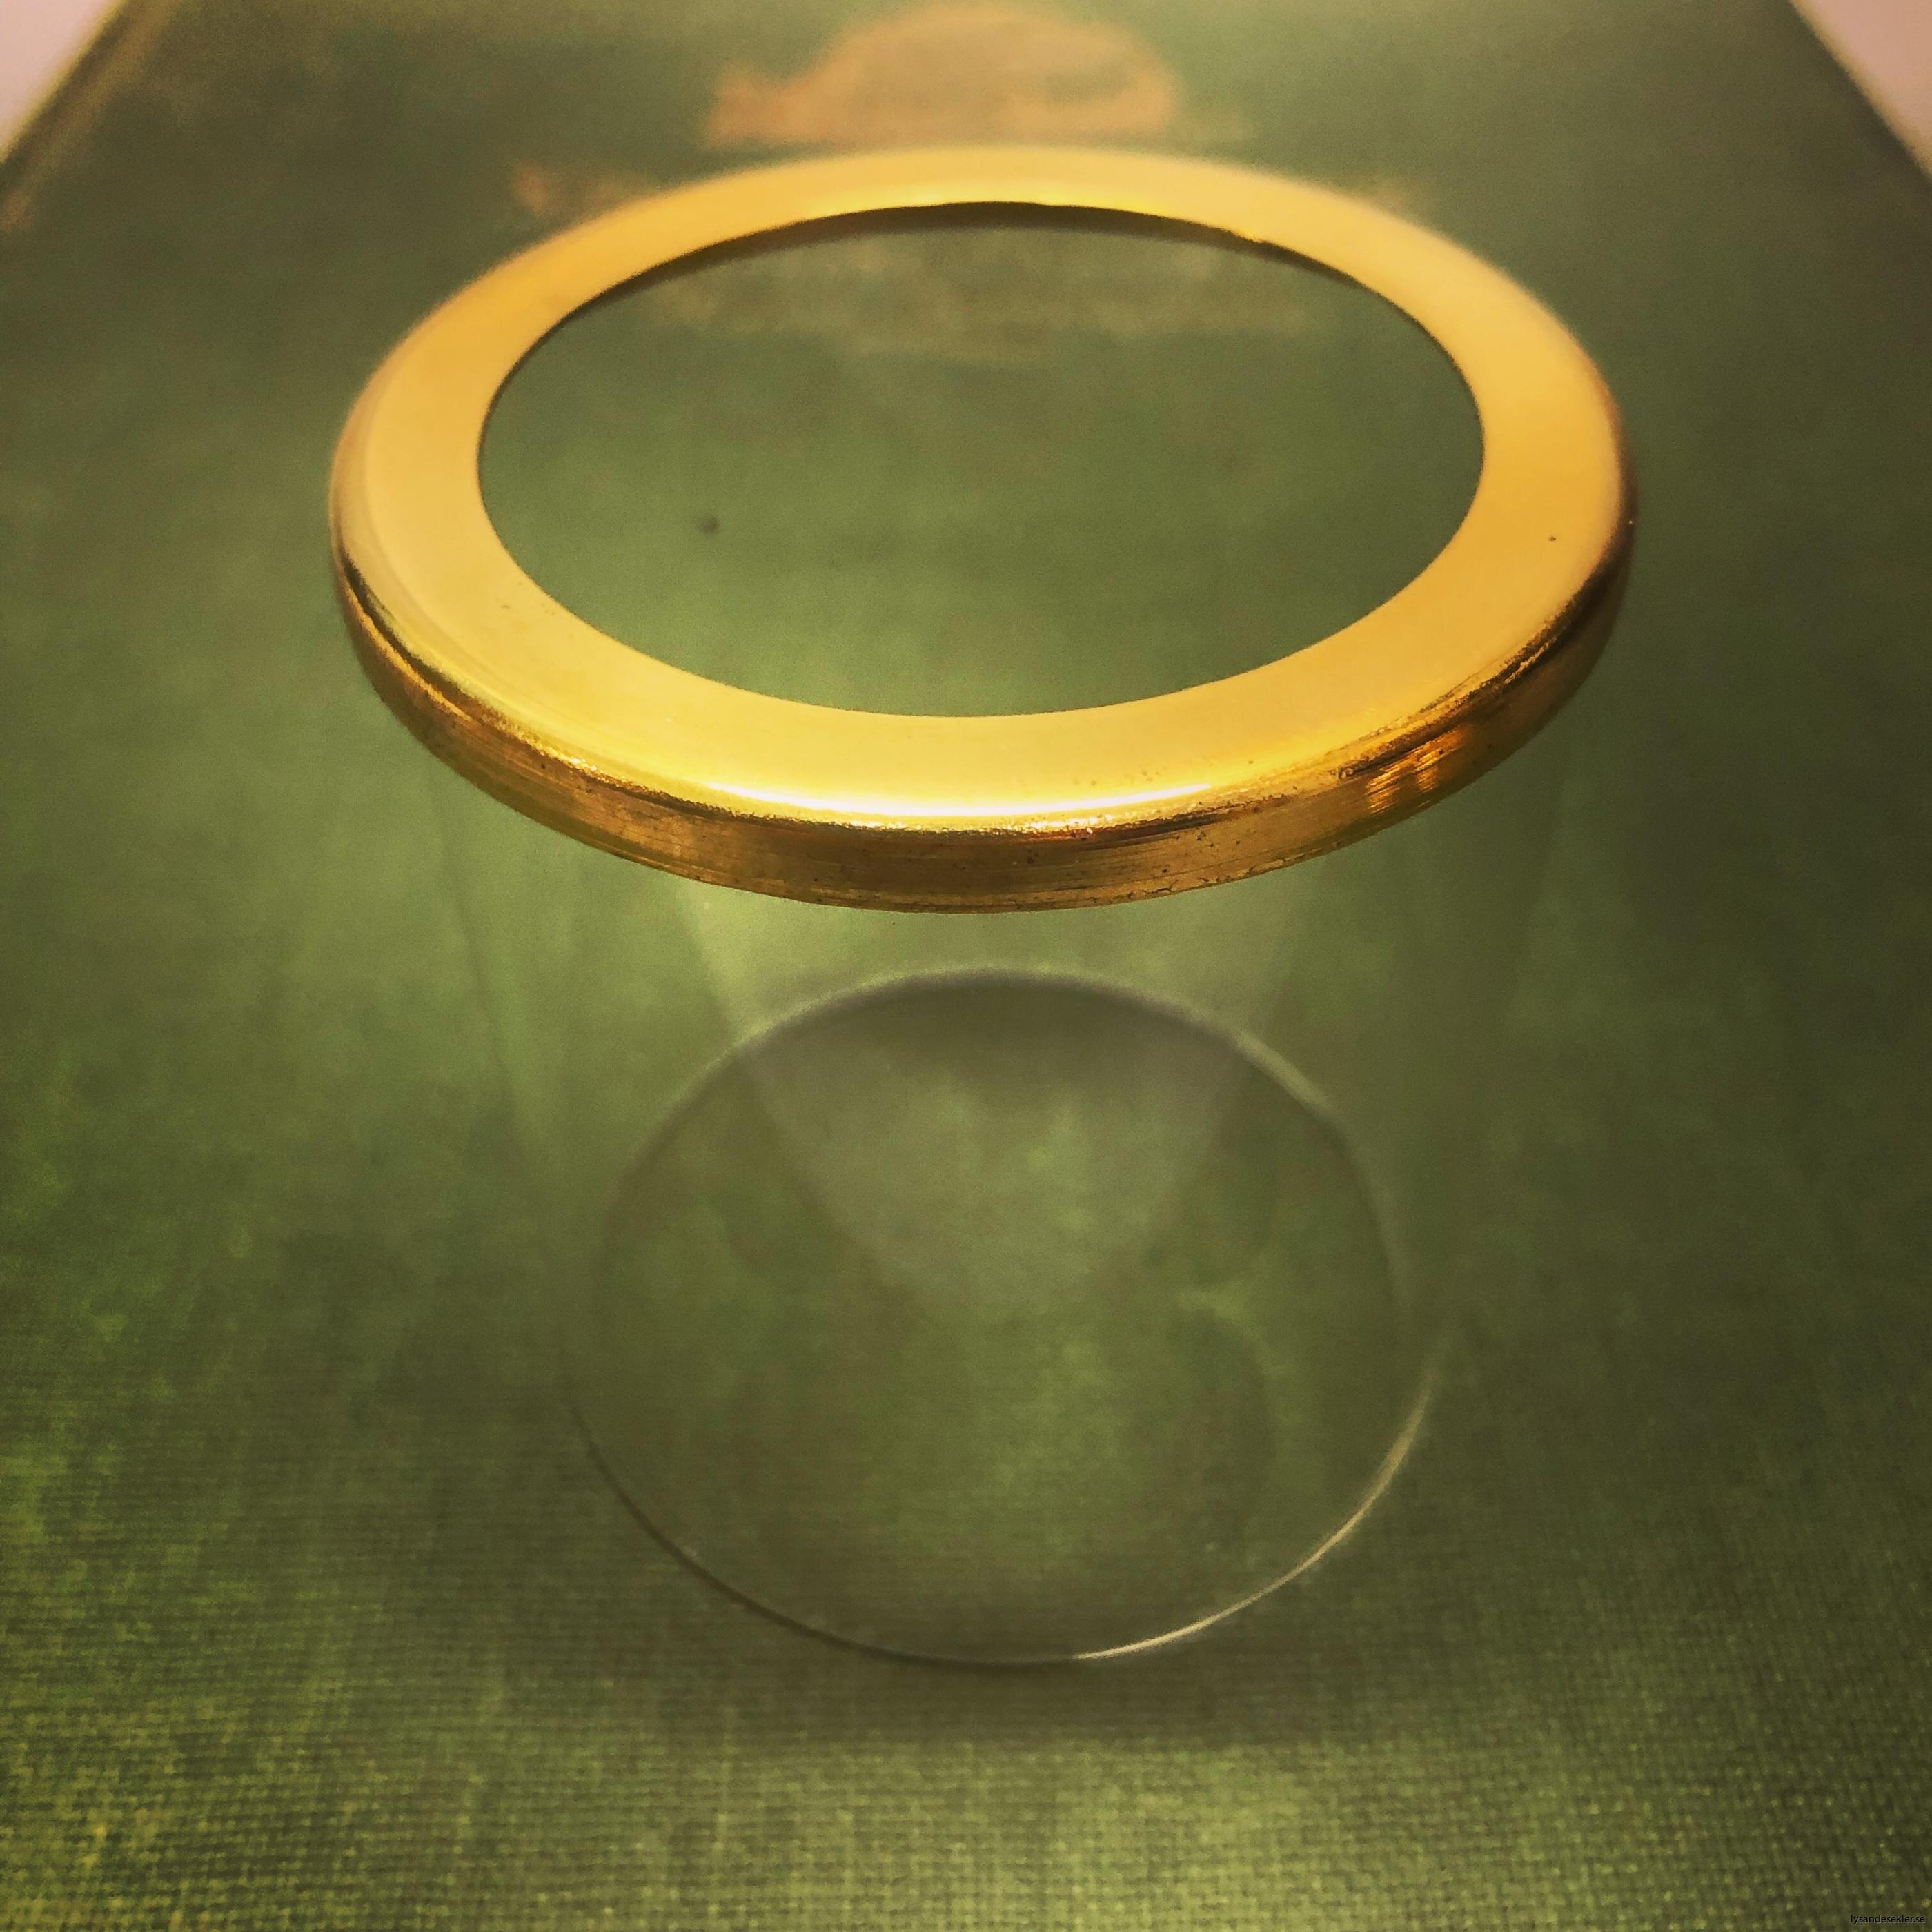 toppring på olika typer av glas1